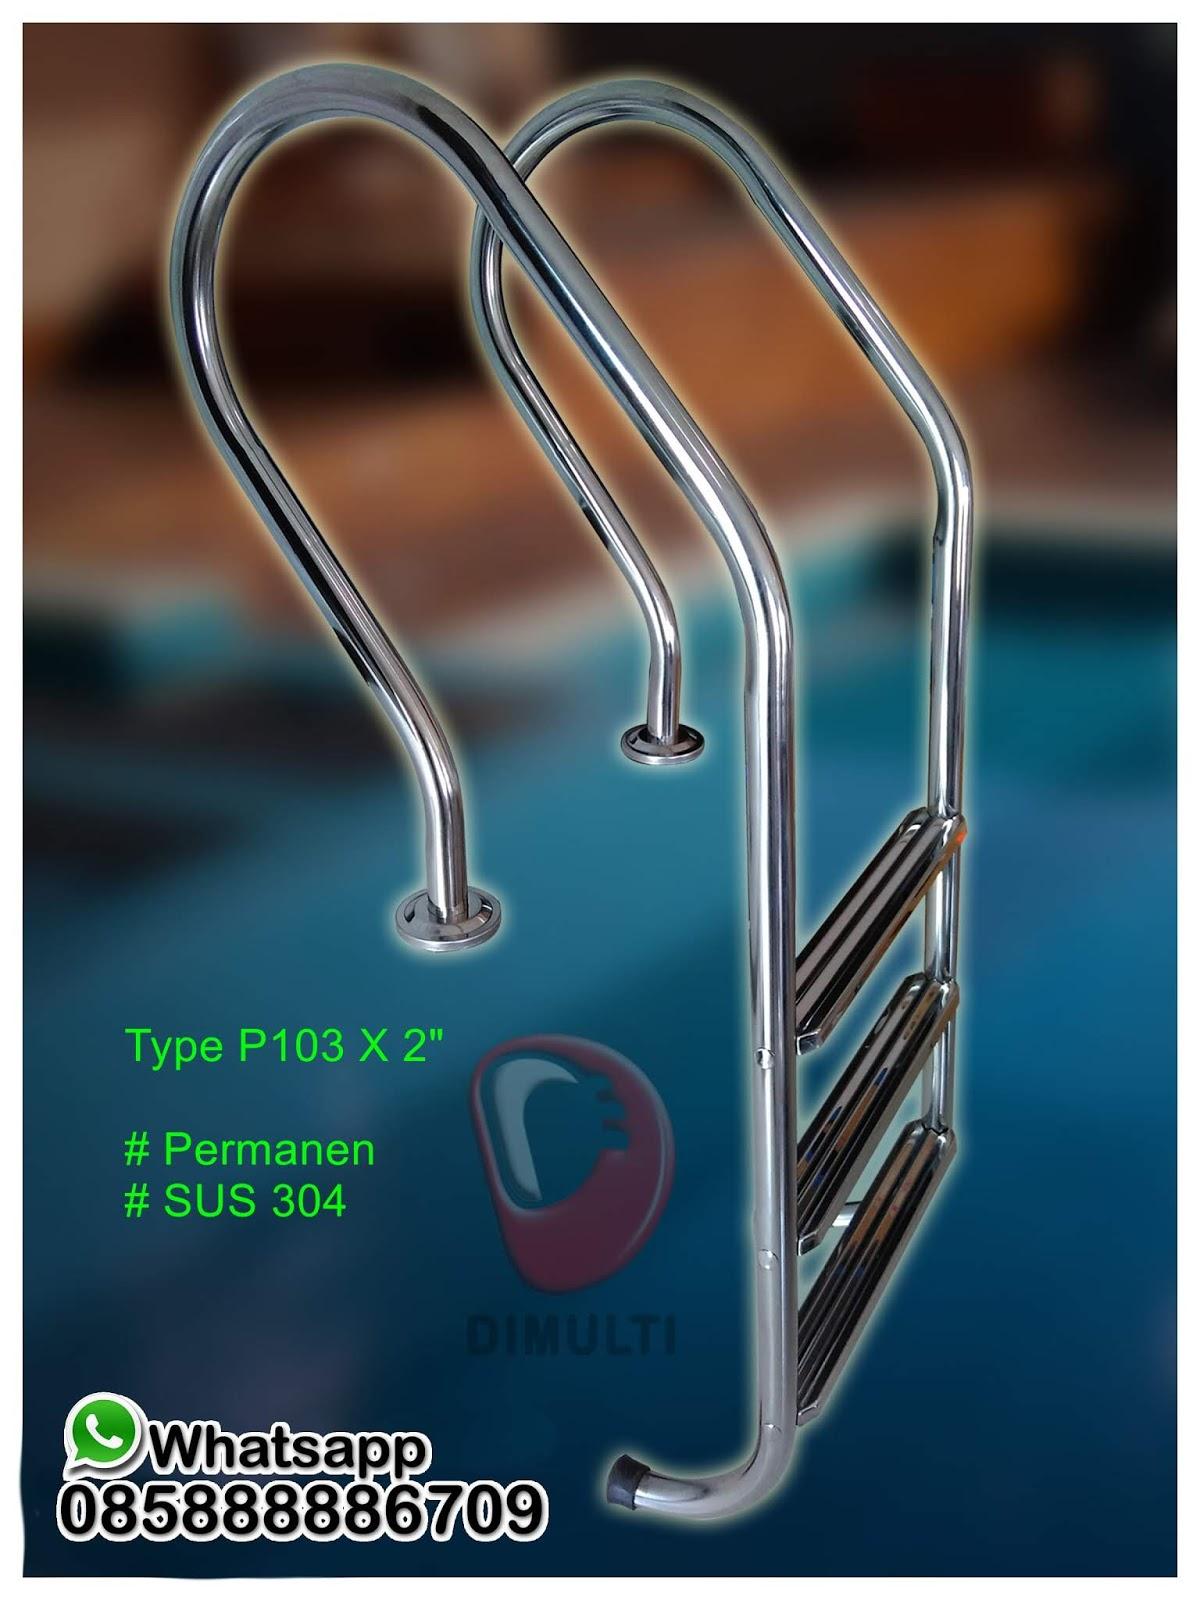 Tangga Kolam Renang Type P103 X 2